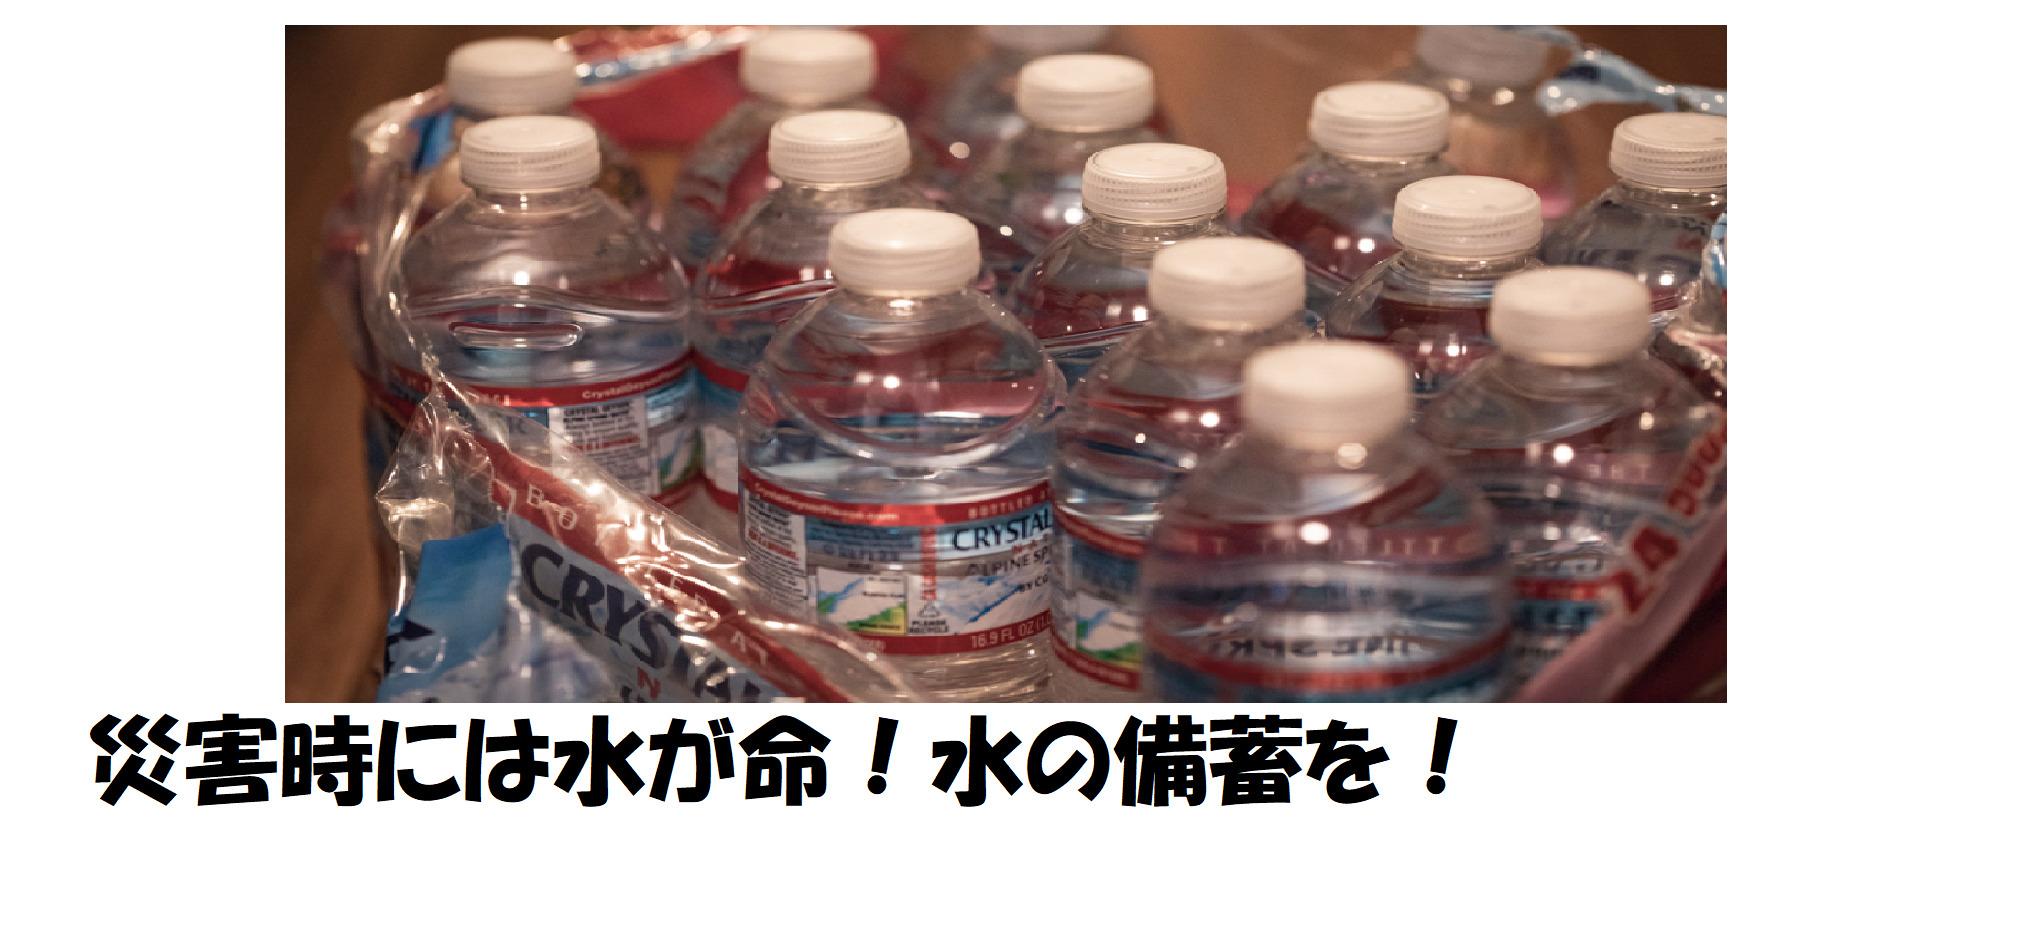 災害時の水の備蓄